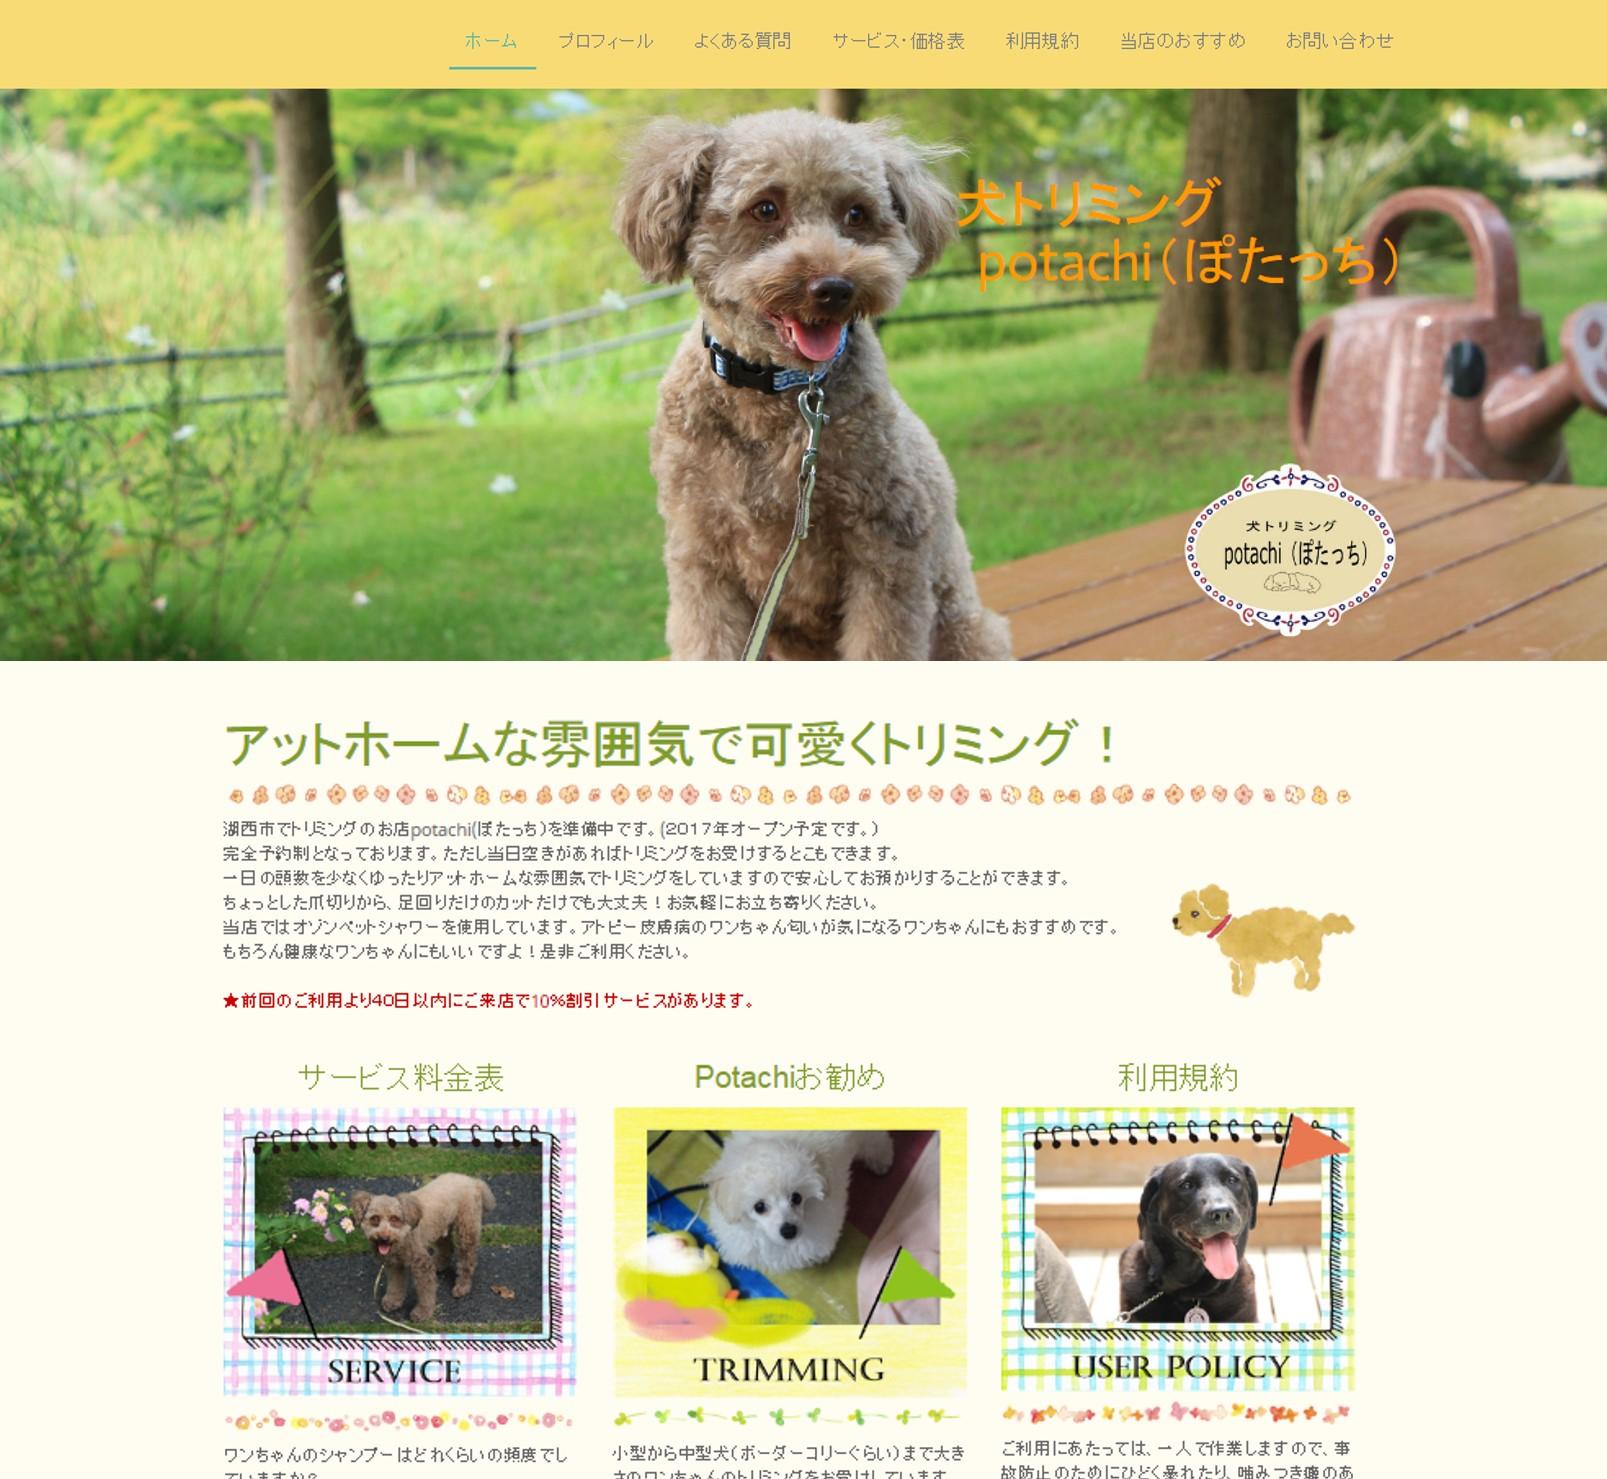 湖西市 犬のトリミングPotachi(ぽたっち)